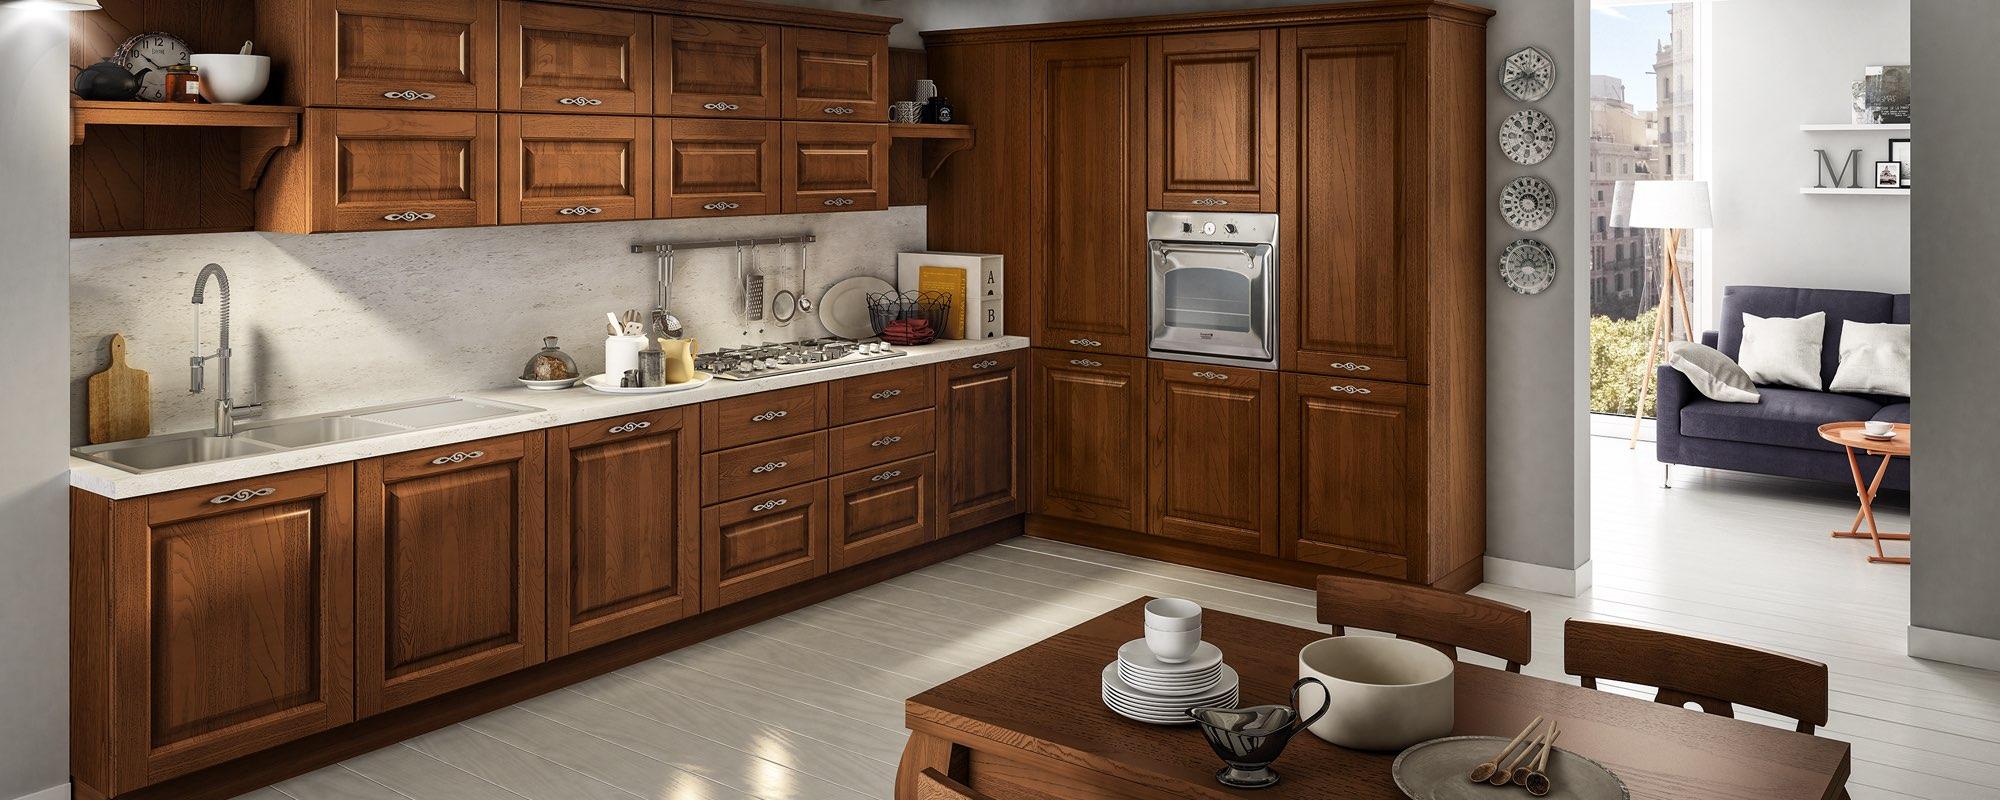 vista angolare di una cucina classica in legno con arredo - SATURNIA